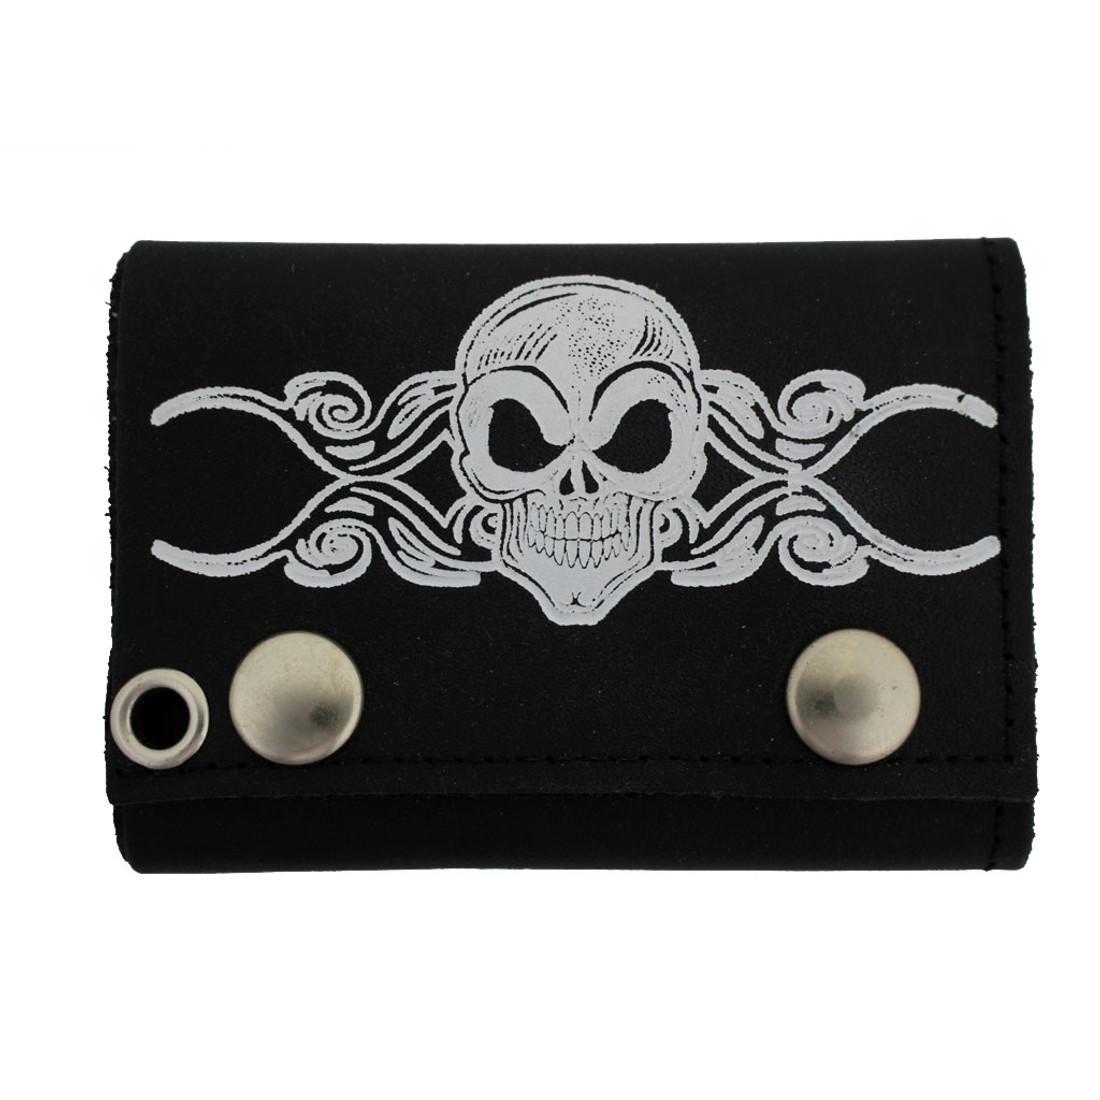 Skull & Tribal Design Men's Biker Black Leather Chain Wallet Trifold Billfold